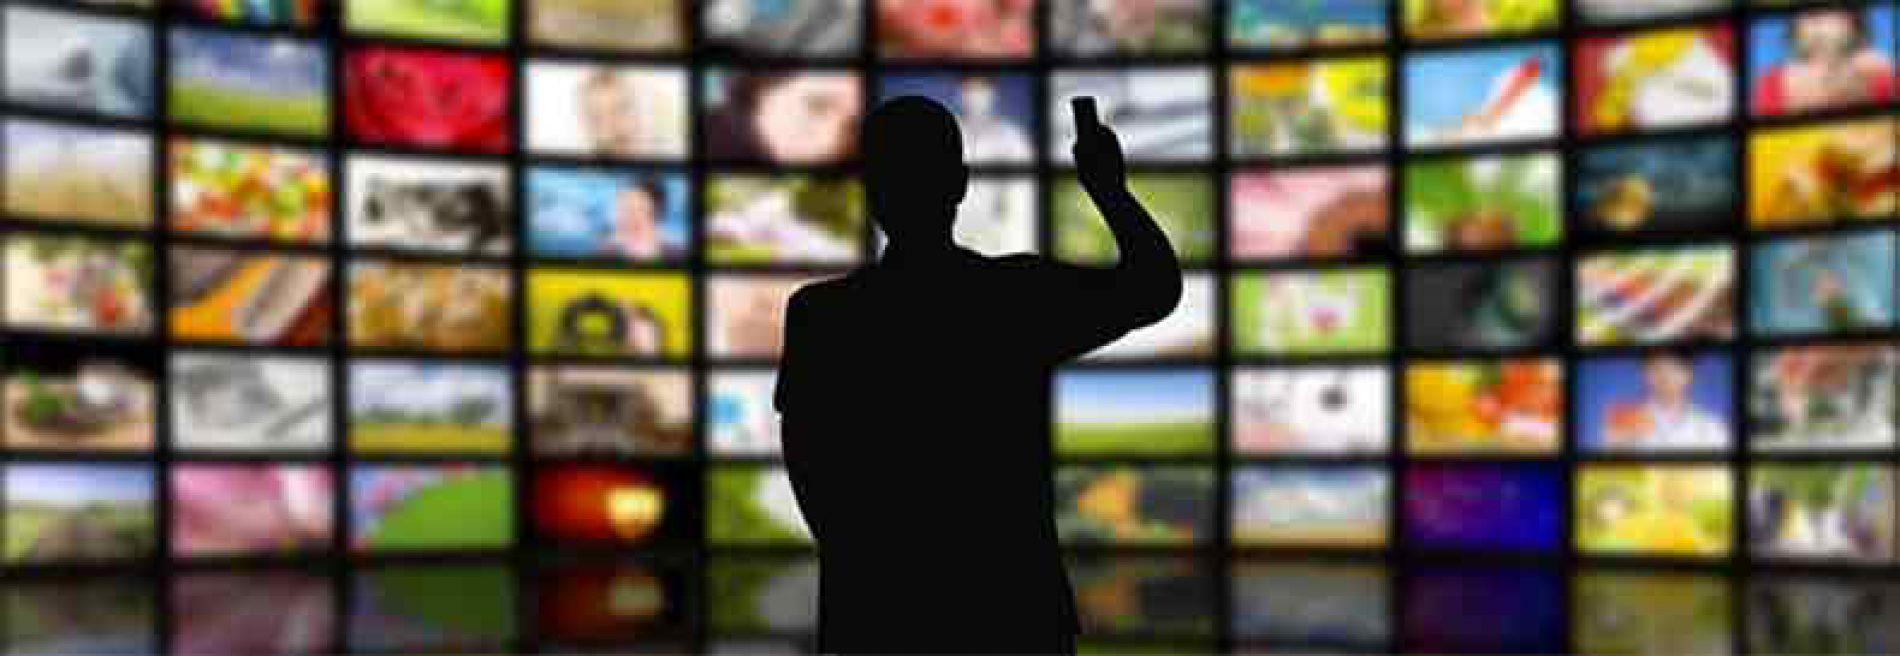 Den lineære tv-tittingens død